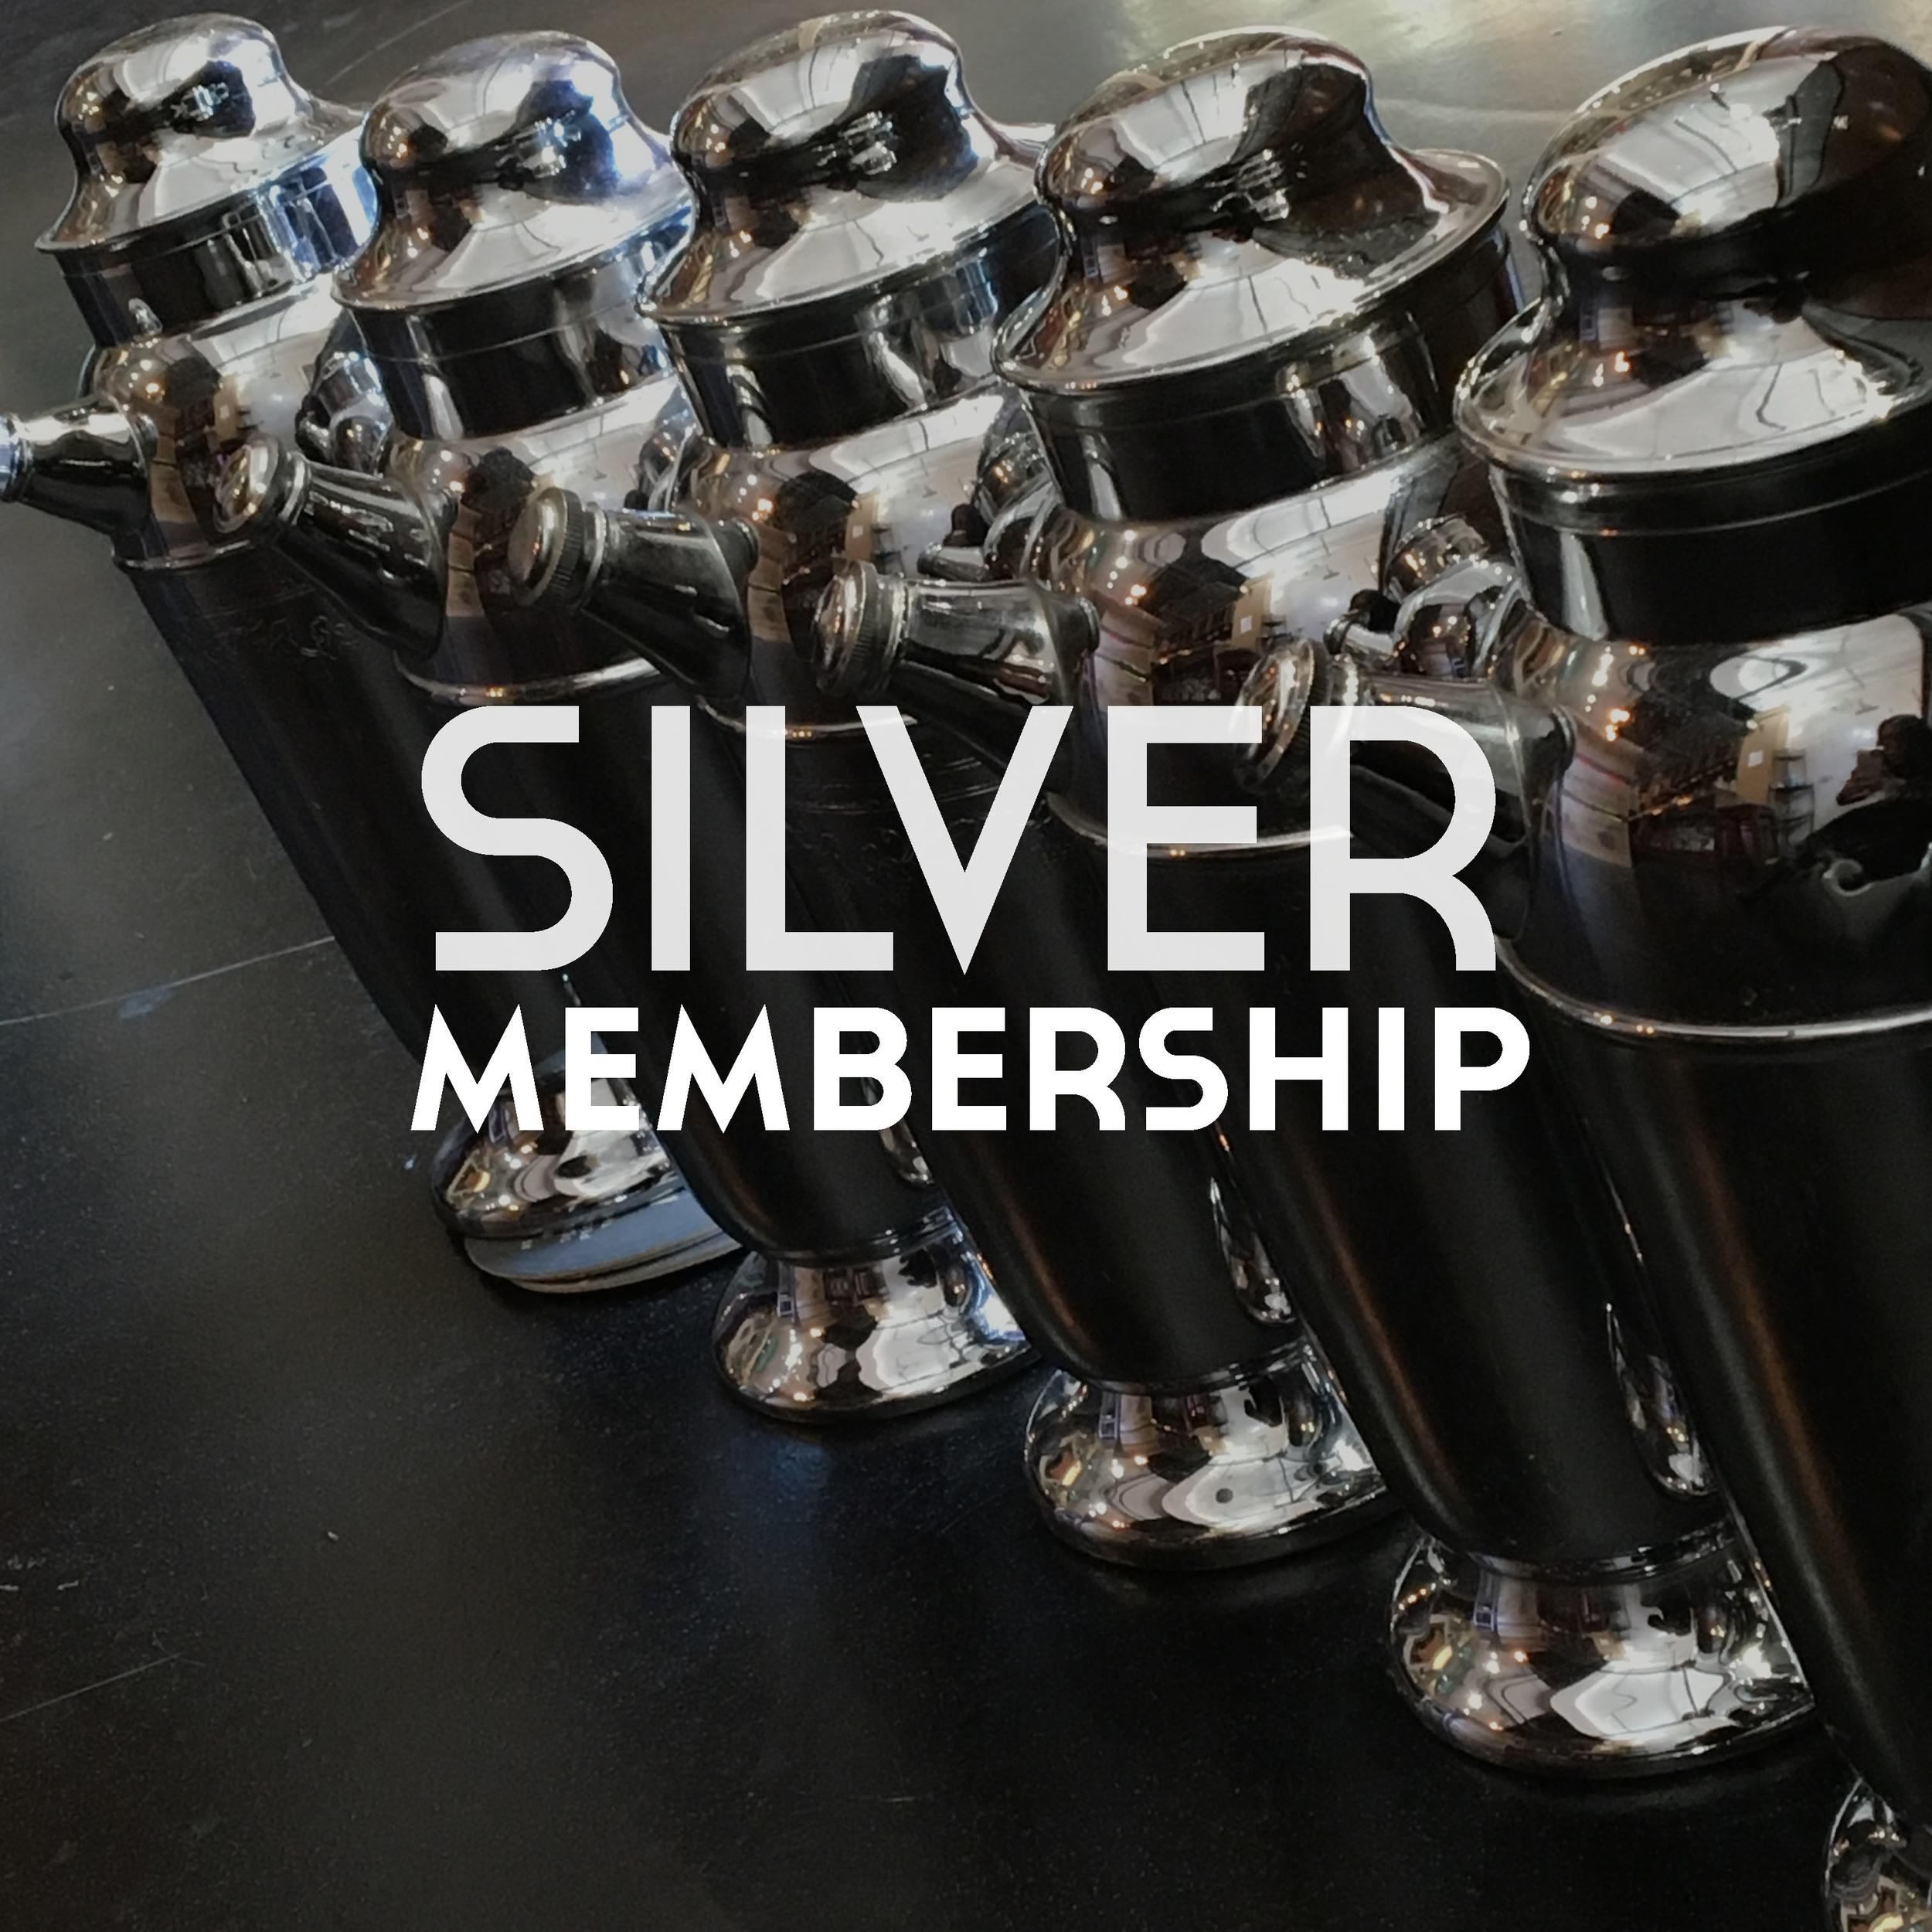 SilverMembership_AUG2.jpg